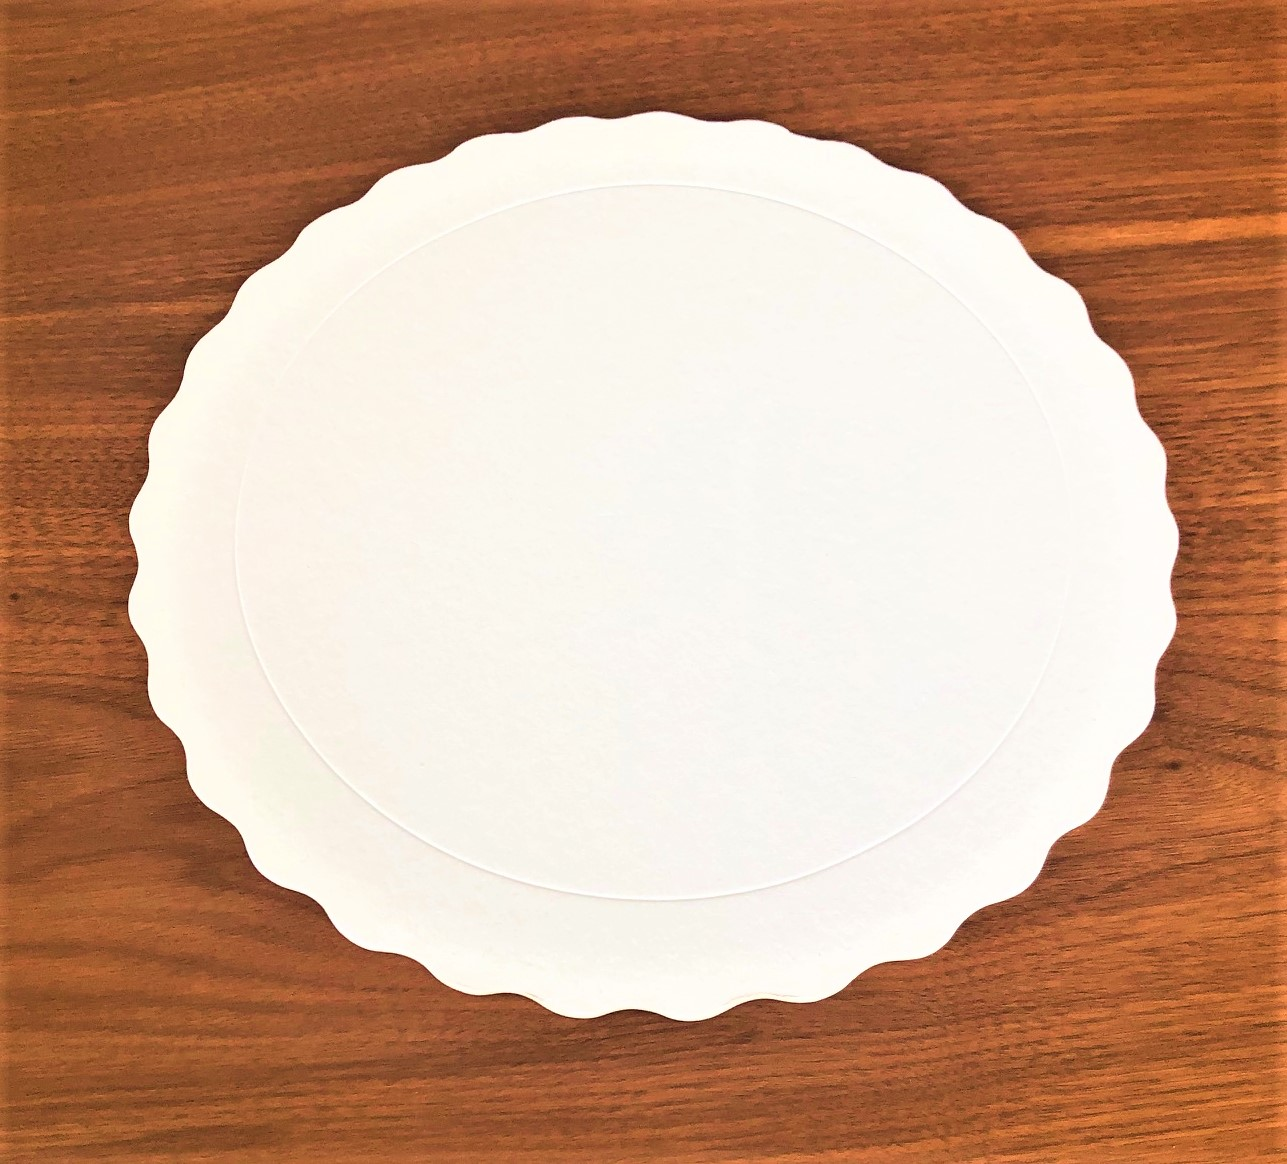 200 Bases Laminadas Para Bolo Redondo, Cake Board 20cm - Branco